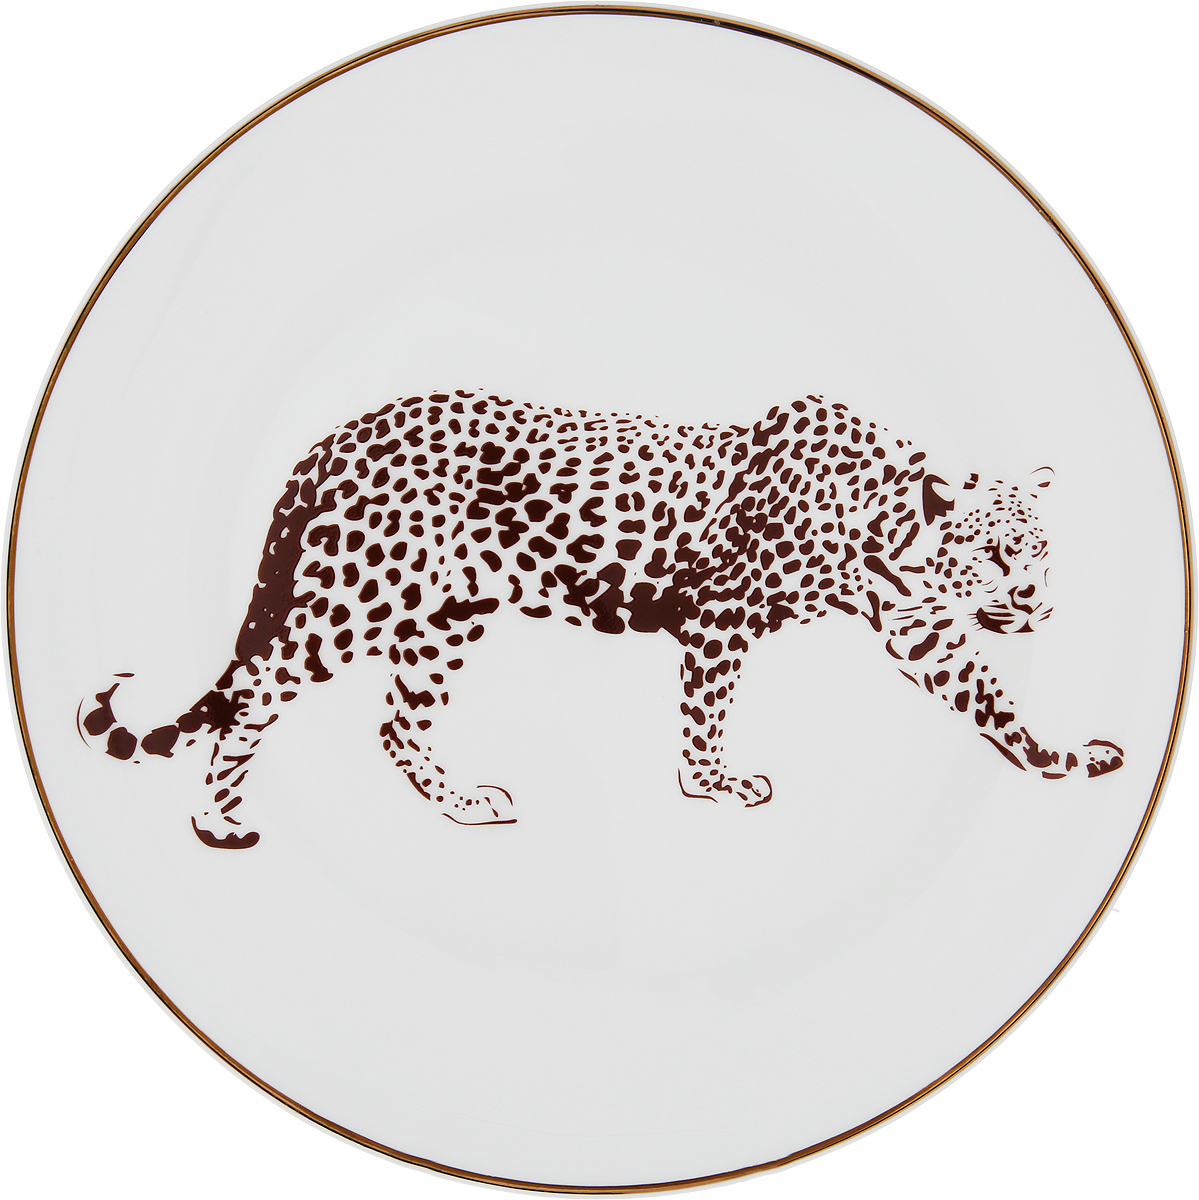 Тарелка плоская Royal Aurel Сафари, диаметр 20 см royal aurel тарелка плоская тюльпан 23 5 см 550r royal aurel